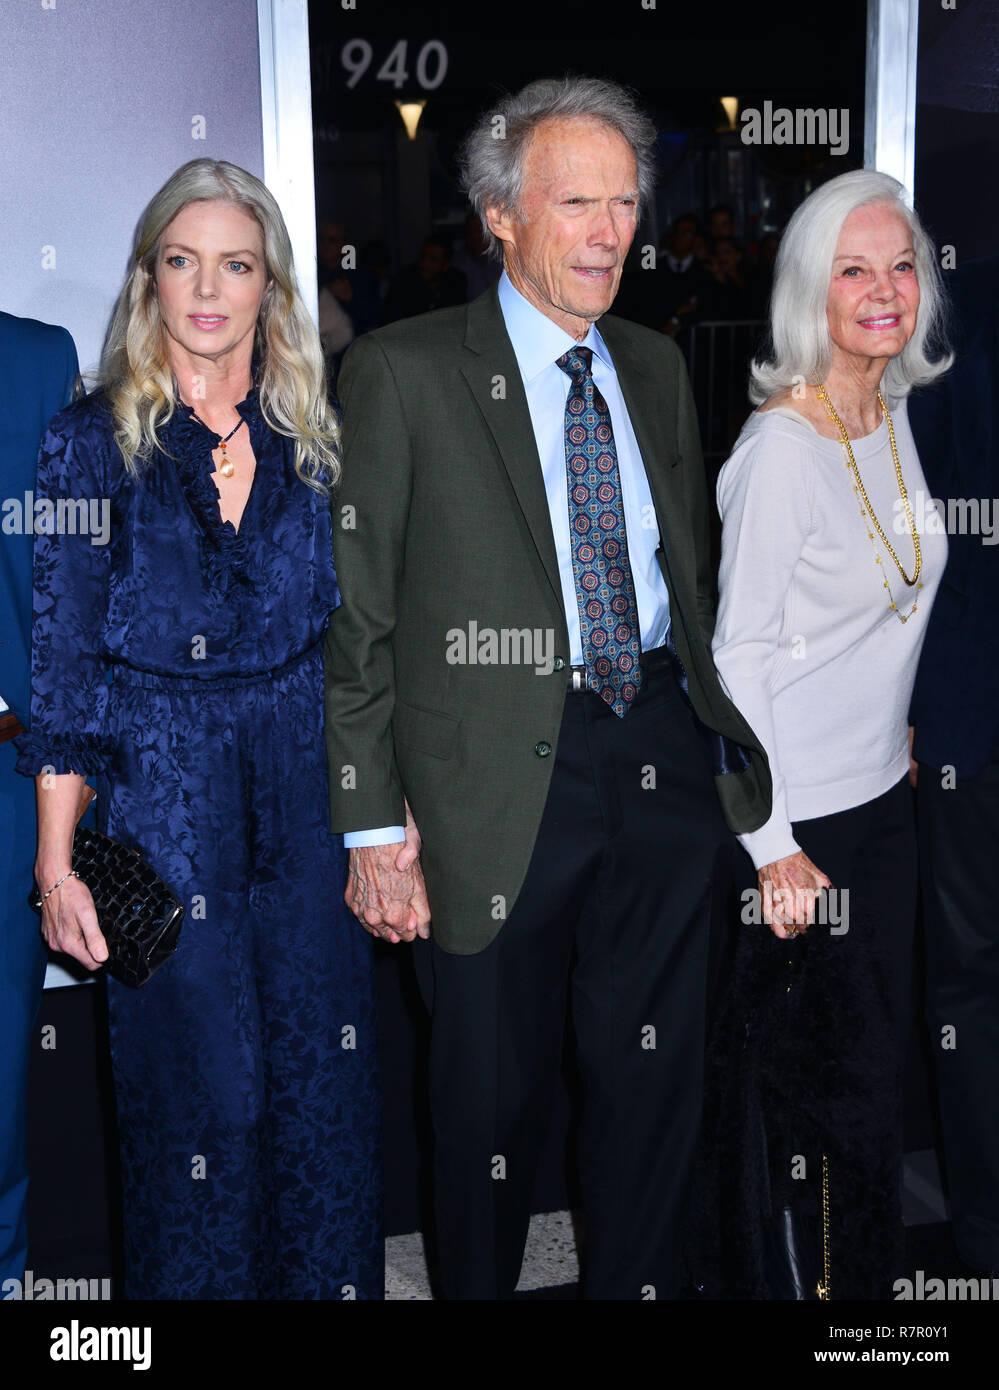 """Westwood, California, Stati Uniti d'America. 10 dic 2018. Clint Eastwood e Christina Sandera 219 assiste Warner Bros Foto della prima mondiale del """"Mule' al Regency Village Theatre sul dicembre 10, 2018 a Westwood, California. Credito: Tsuni / USA/Alamy Live News Foto Stock"""